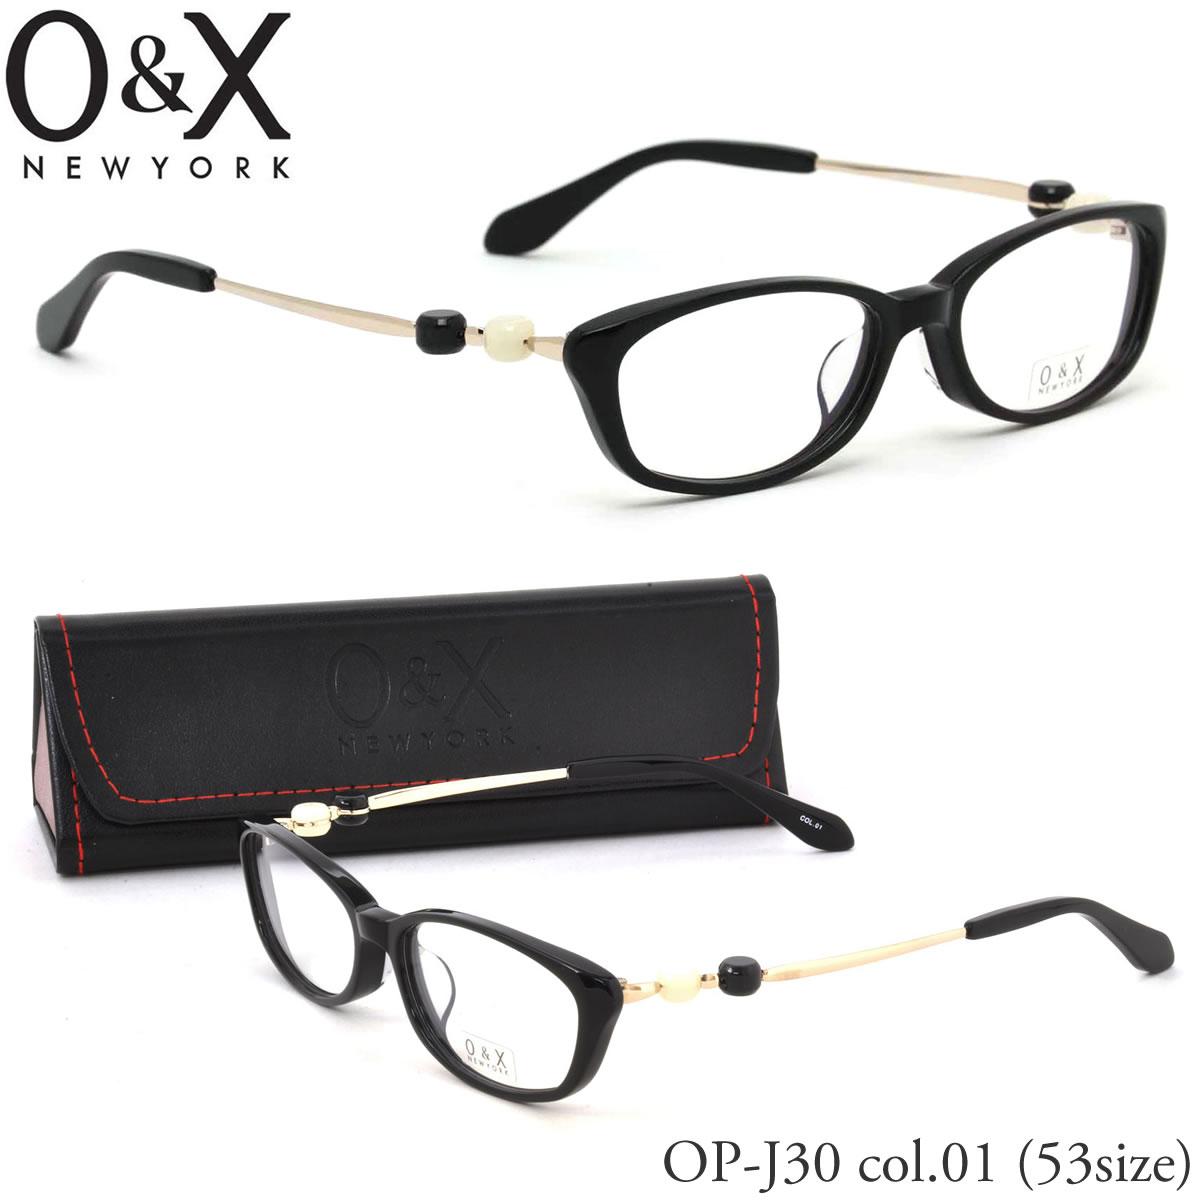 ほぼ全品ポイント15倍~最大43倍+3倍!お得なクーポンも! 【O&X】(オーアンドエックス) メガネ フレーム OP J30 01 53サイズ オーバル ビーズ βTITANIUM βチタン 日本製 オーアンドエックス O&X レディース